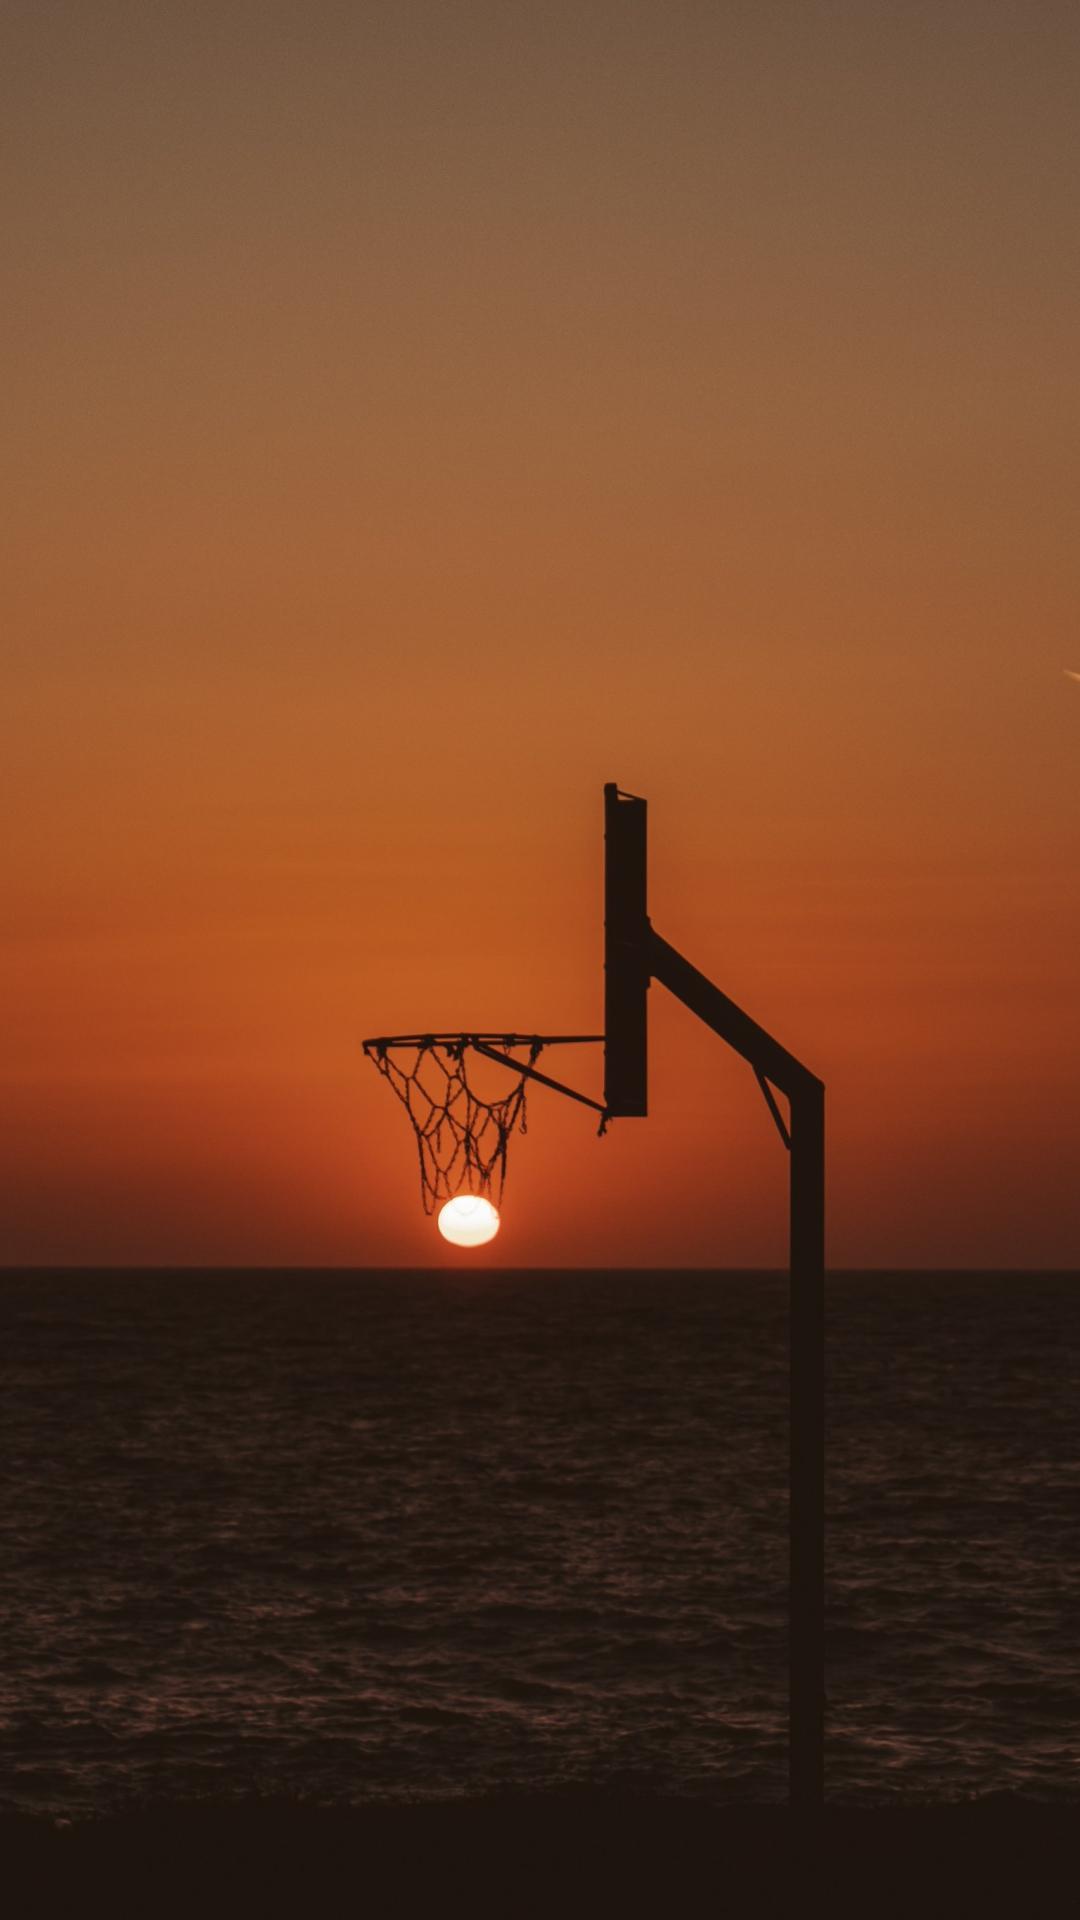 عکس زمینه غروب خورشید در سبد بسکتبال پس زمینه